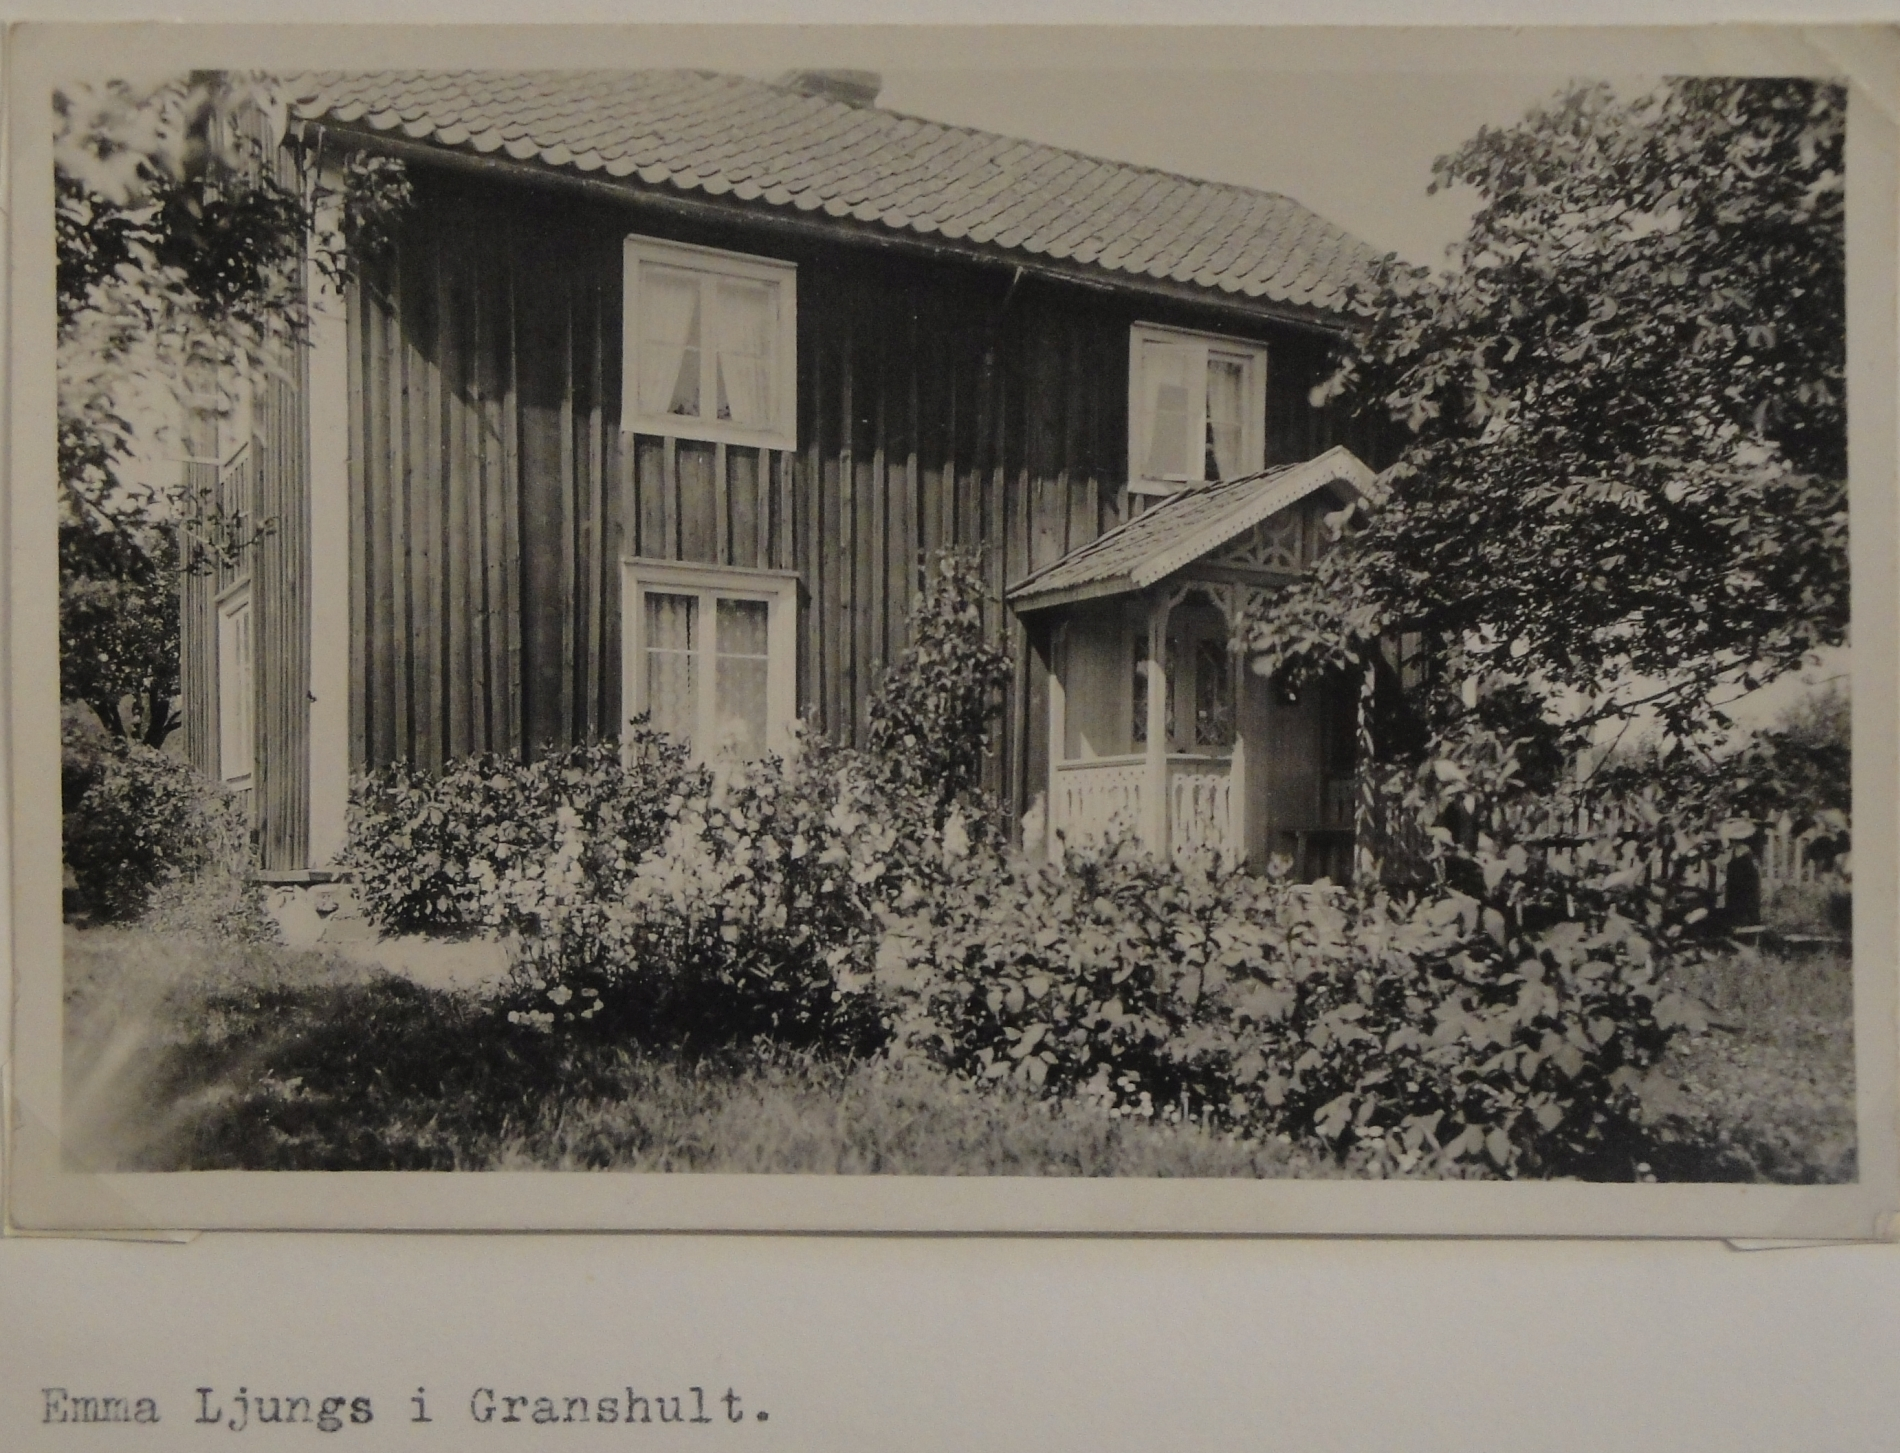 Ljungs i Granshult